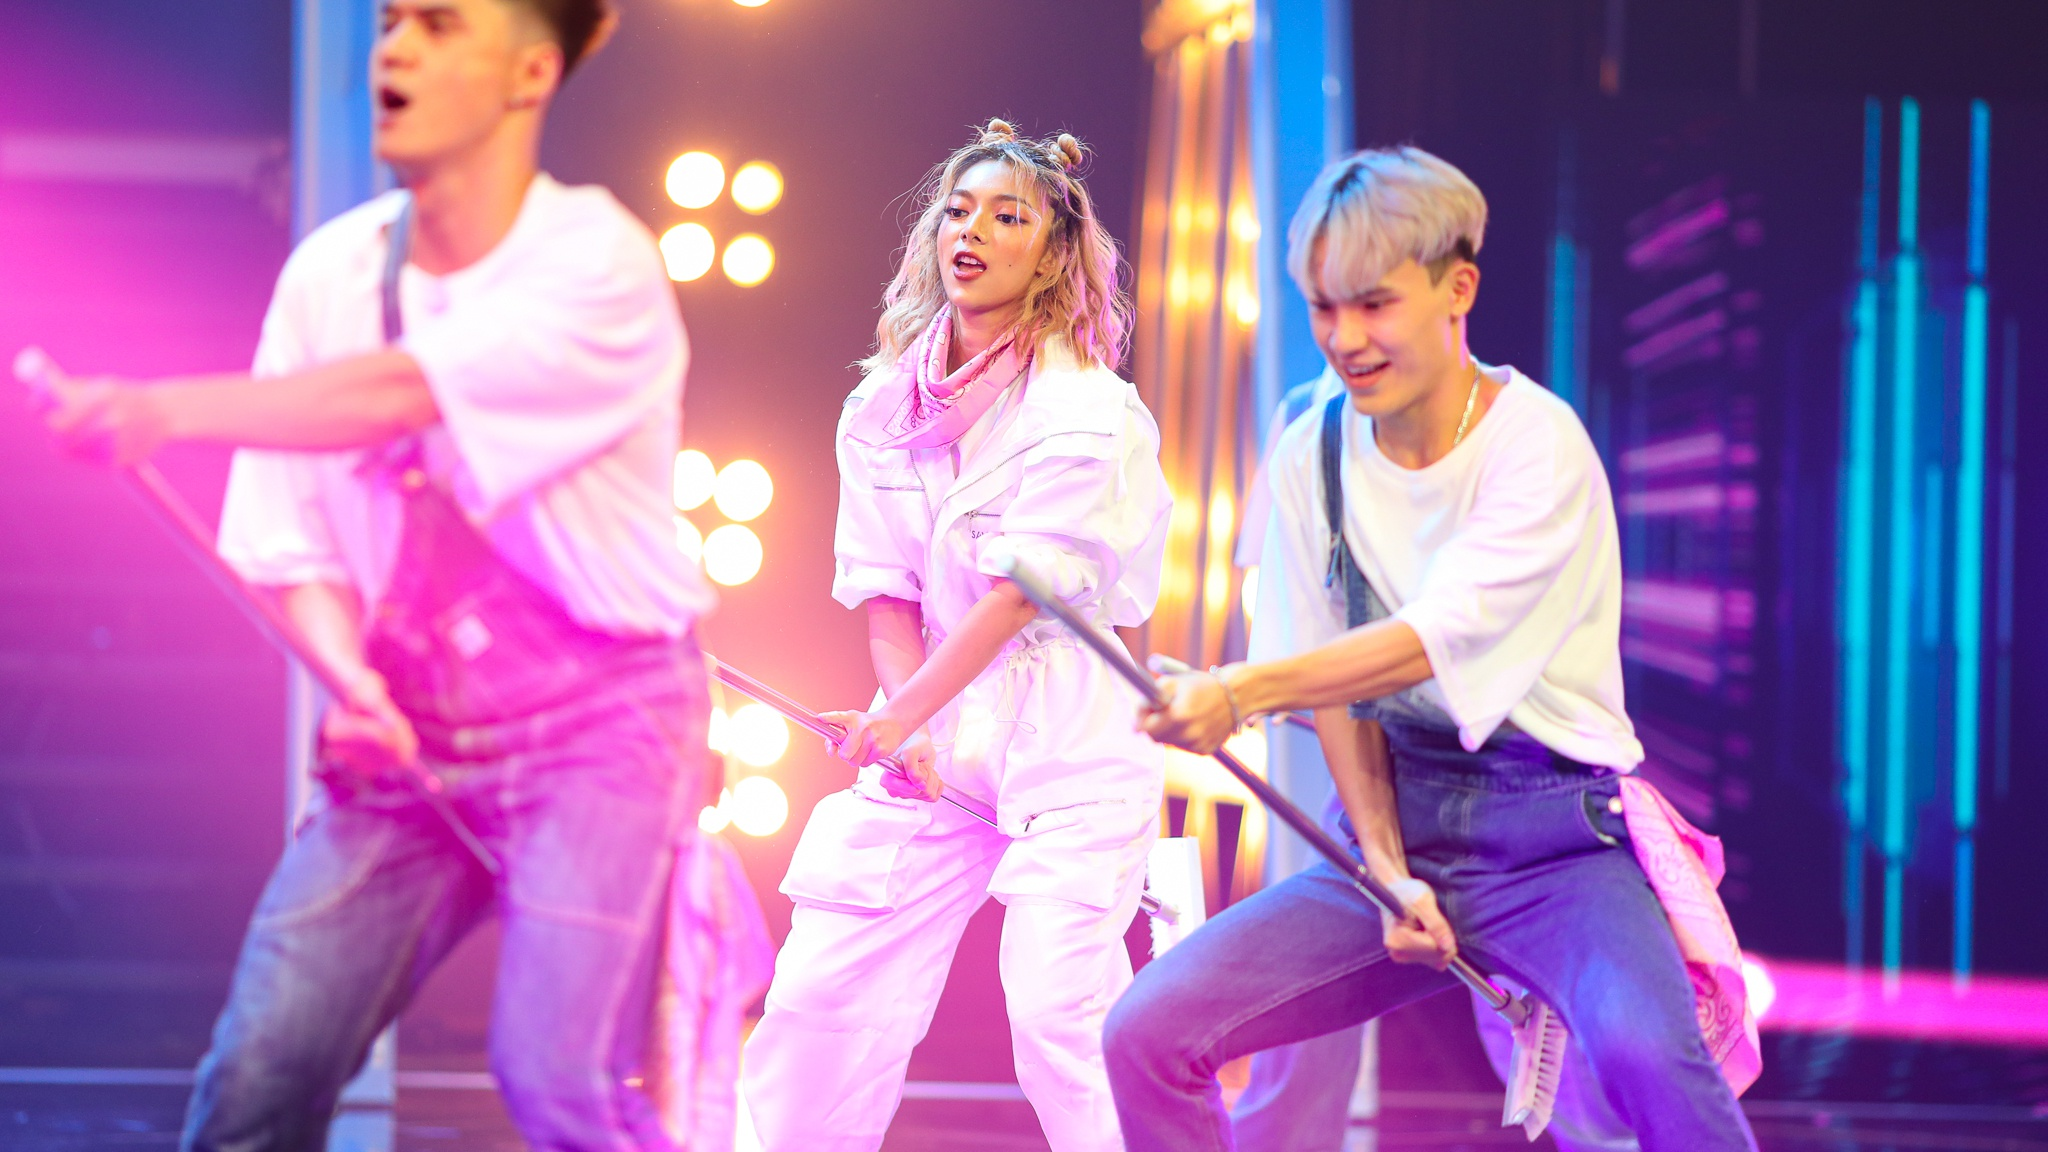 Lyly, Phạm Đình Thái Ngân đuối sức ở game show vũ đạo